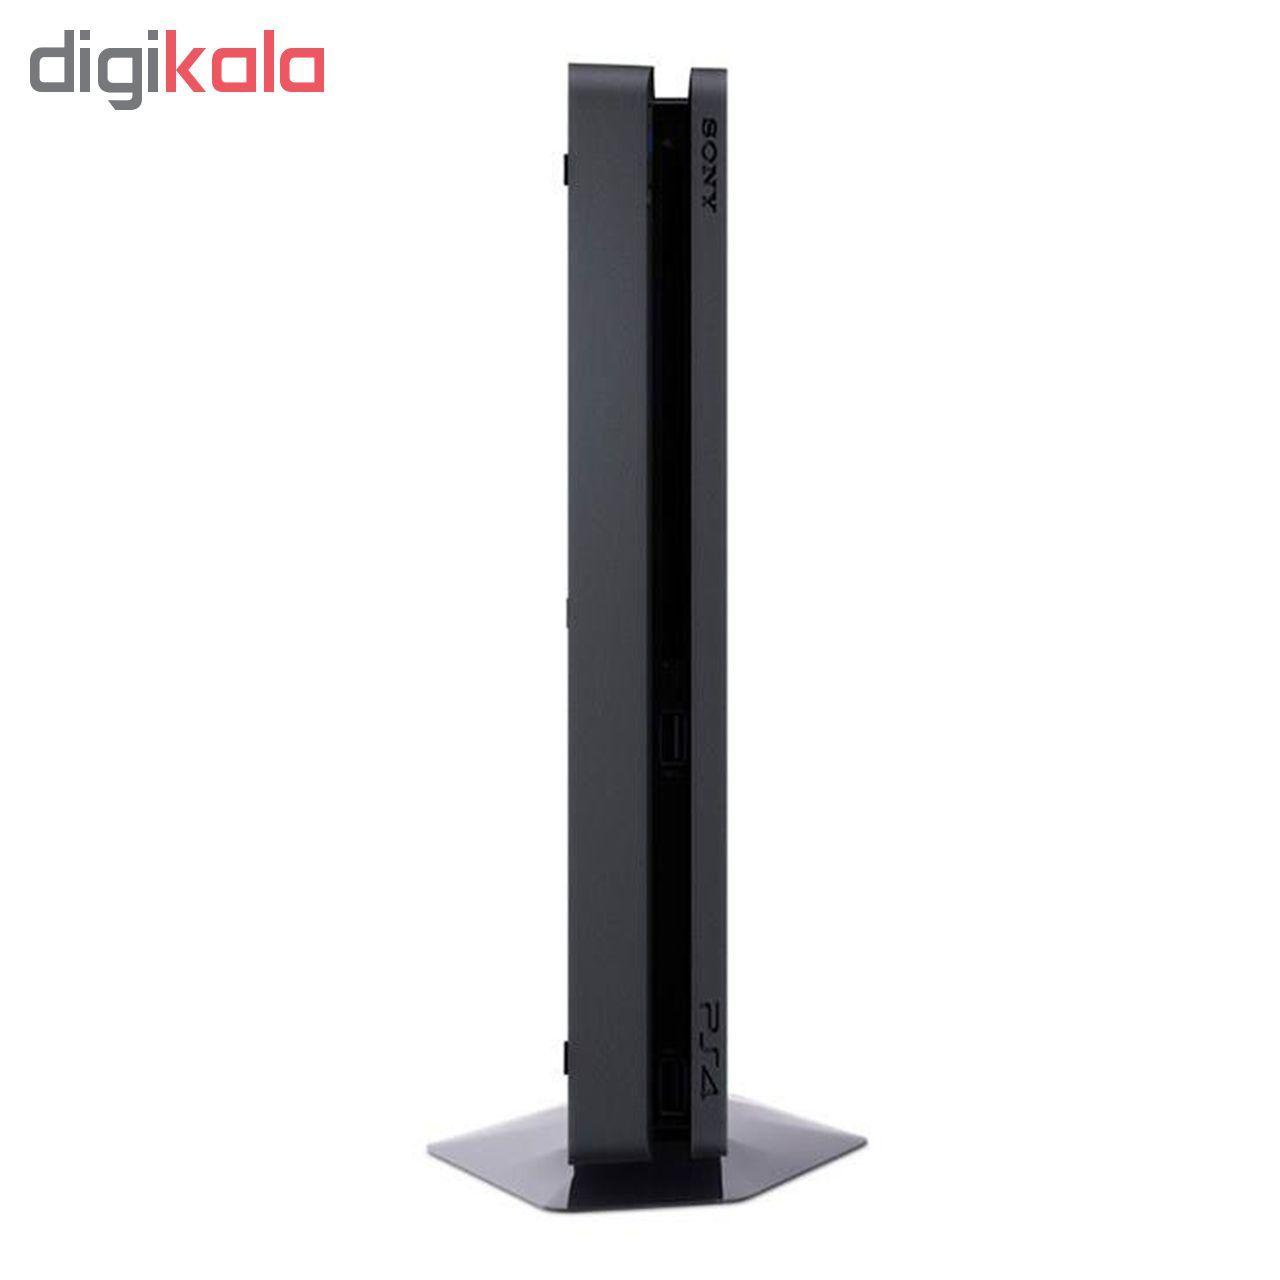 کنسول بازی سونی مدل Playstation 4 Slim کد Region 2 CUH-2216A ظرفیت 500 گیگابایت main 1 5